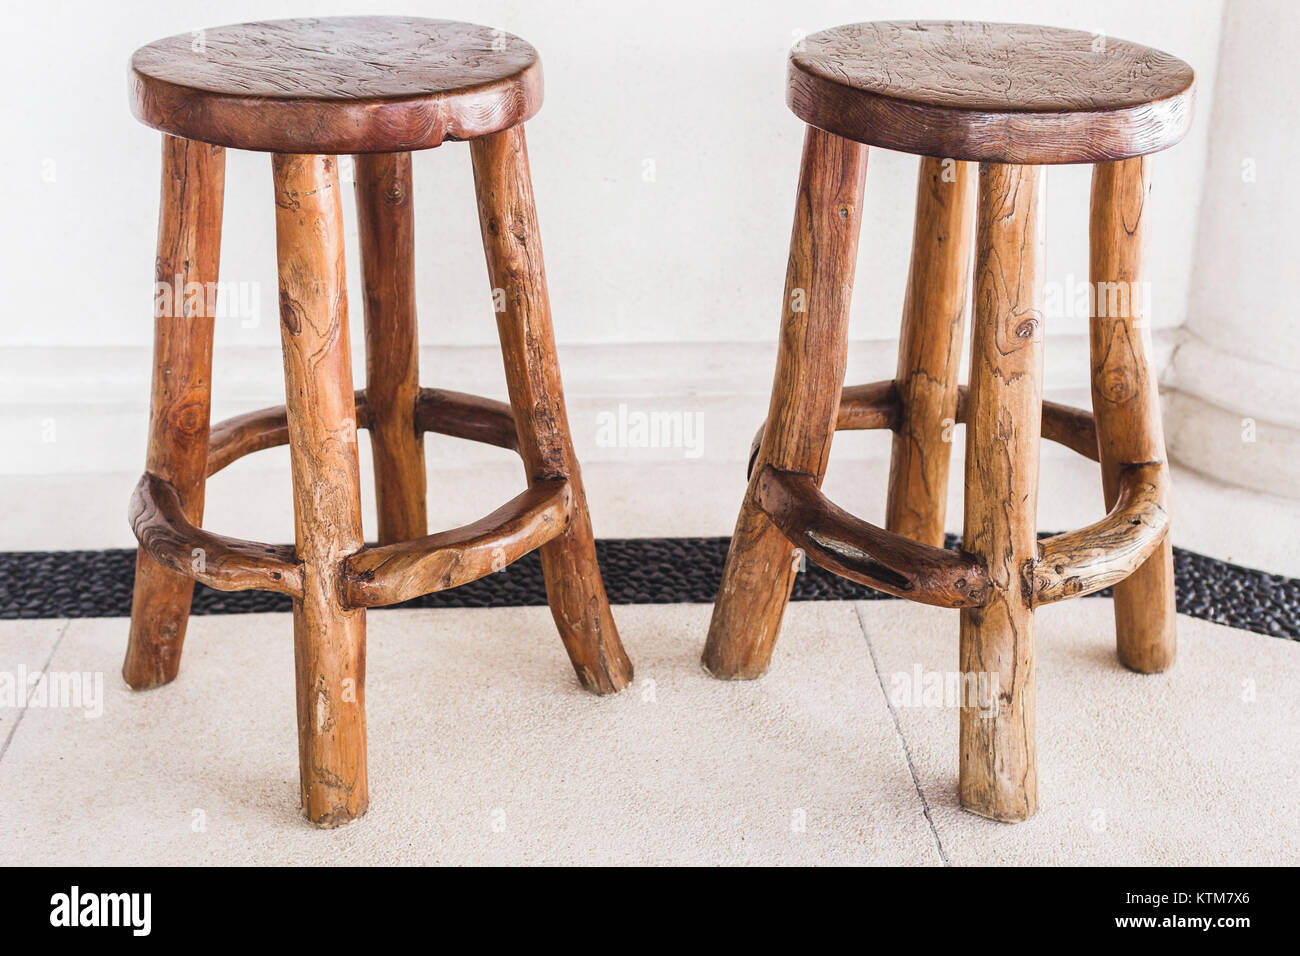 Sgabelli da bar in legno immagini sgabelli da bar in legno fotos